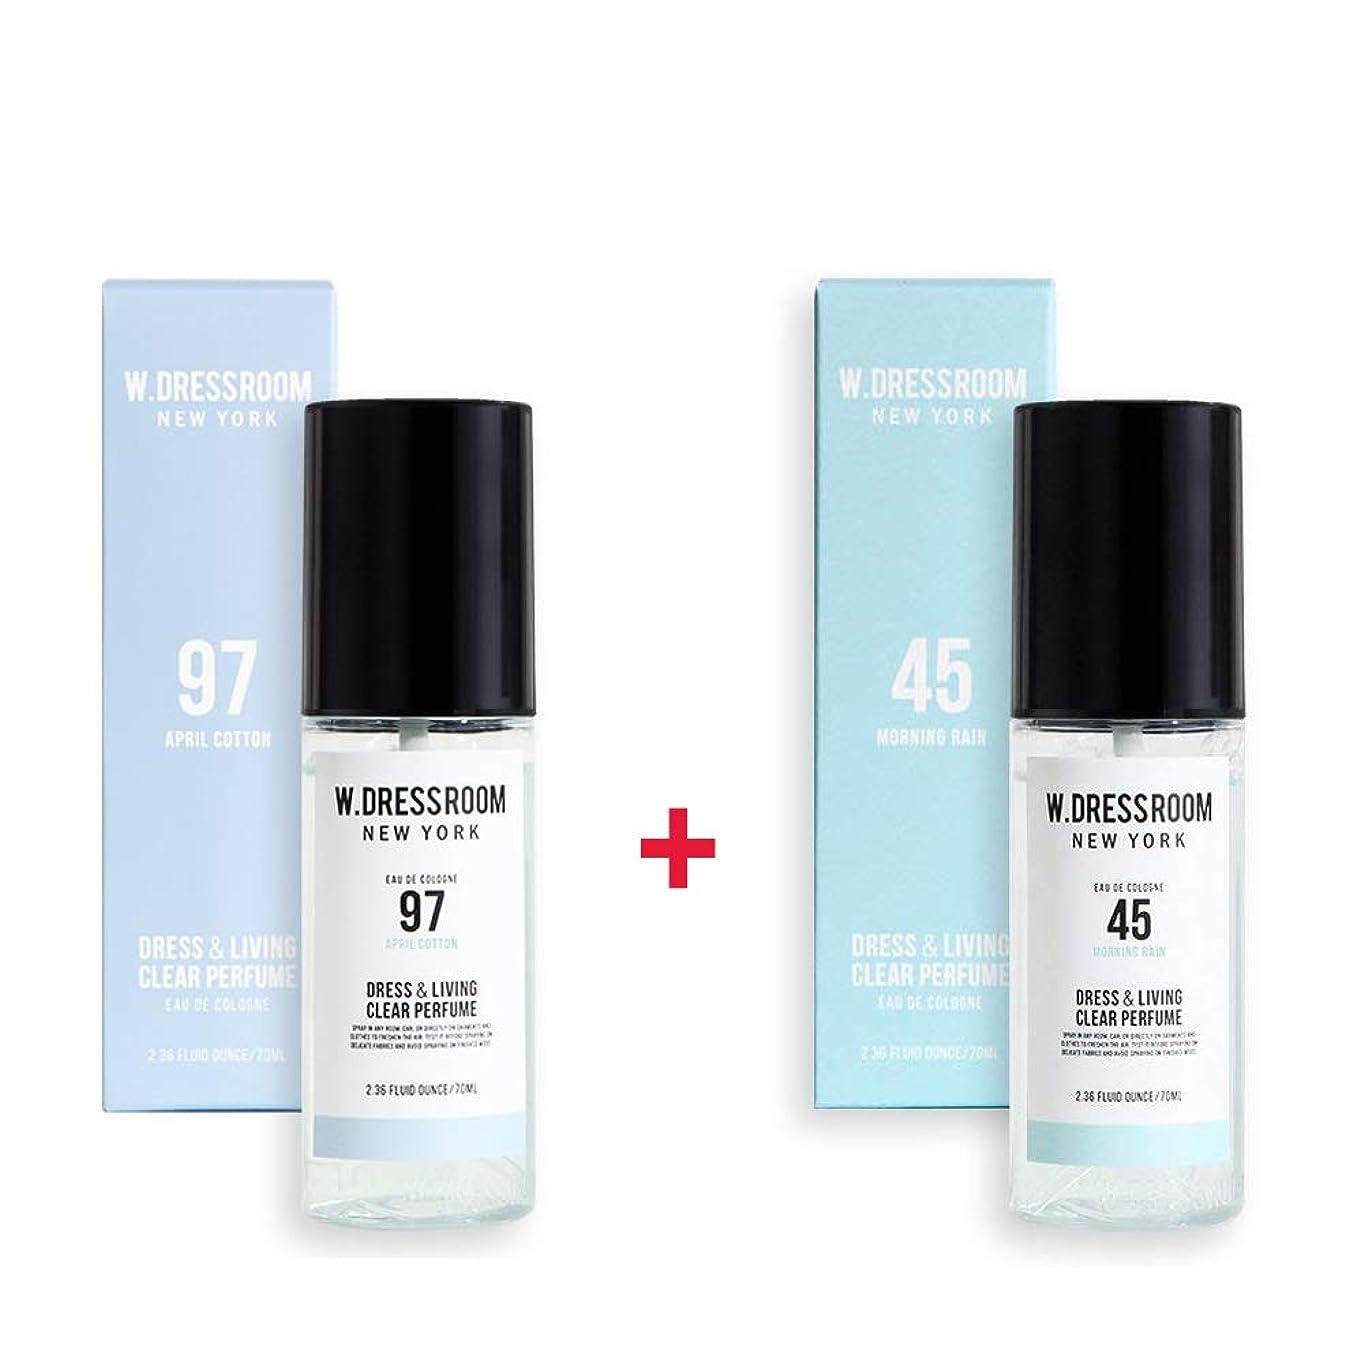 ペスト対角線出しますW.DRESSROOM Dress & Living Clear Perfume 70ml (No 97 April Cotton)+(No 45 Morning Rain)